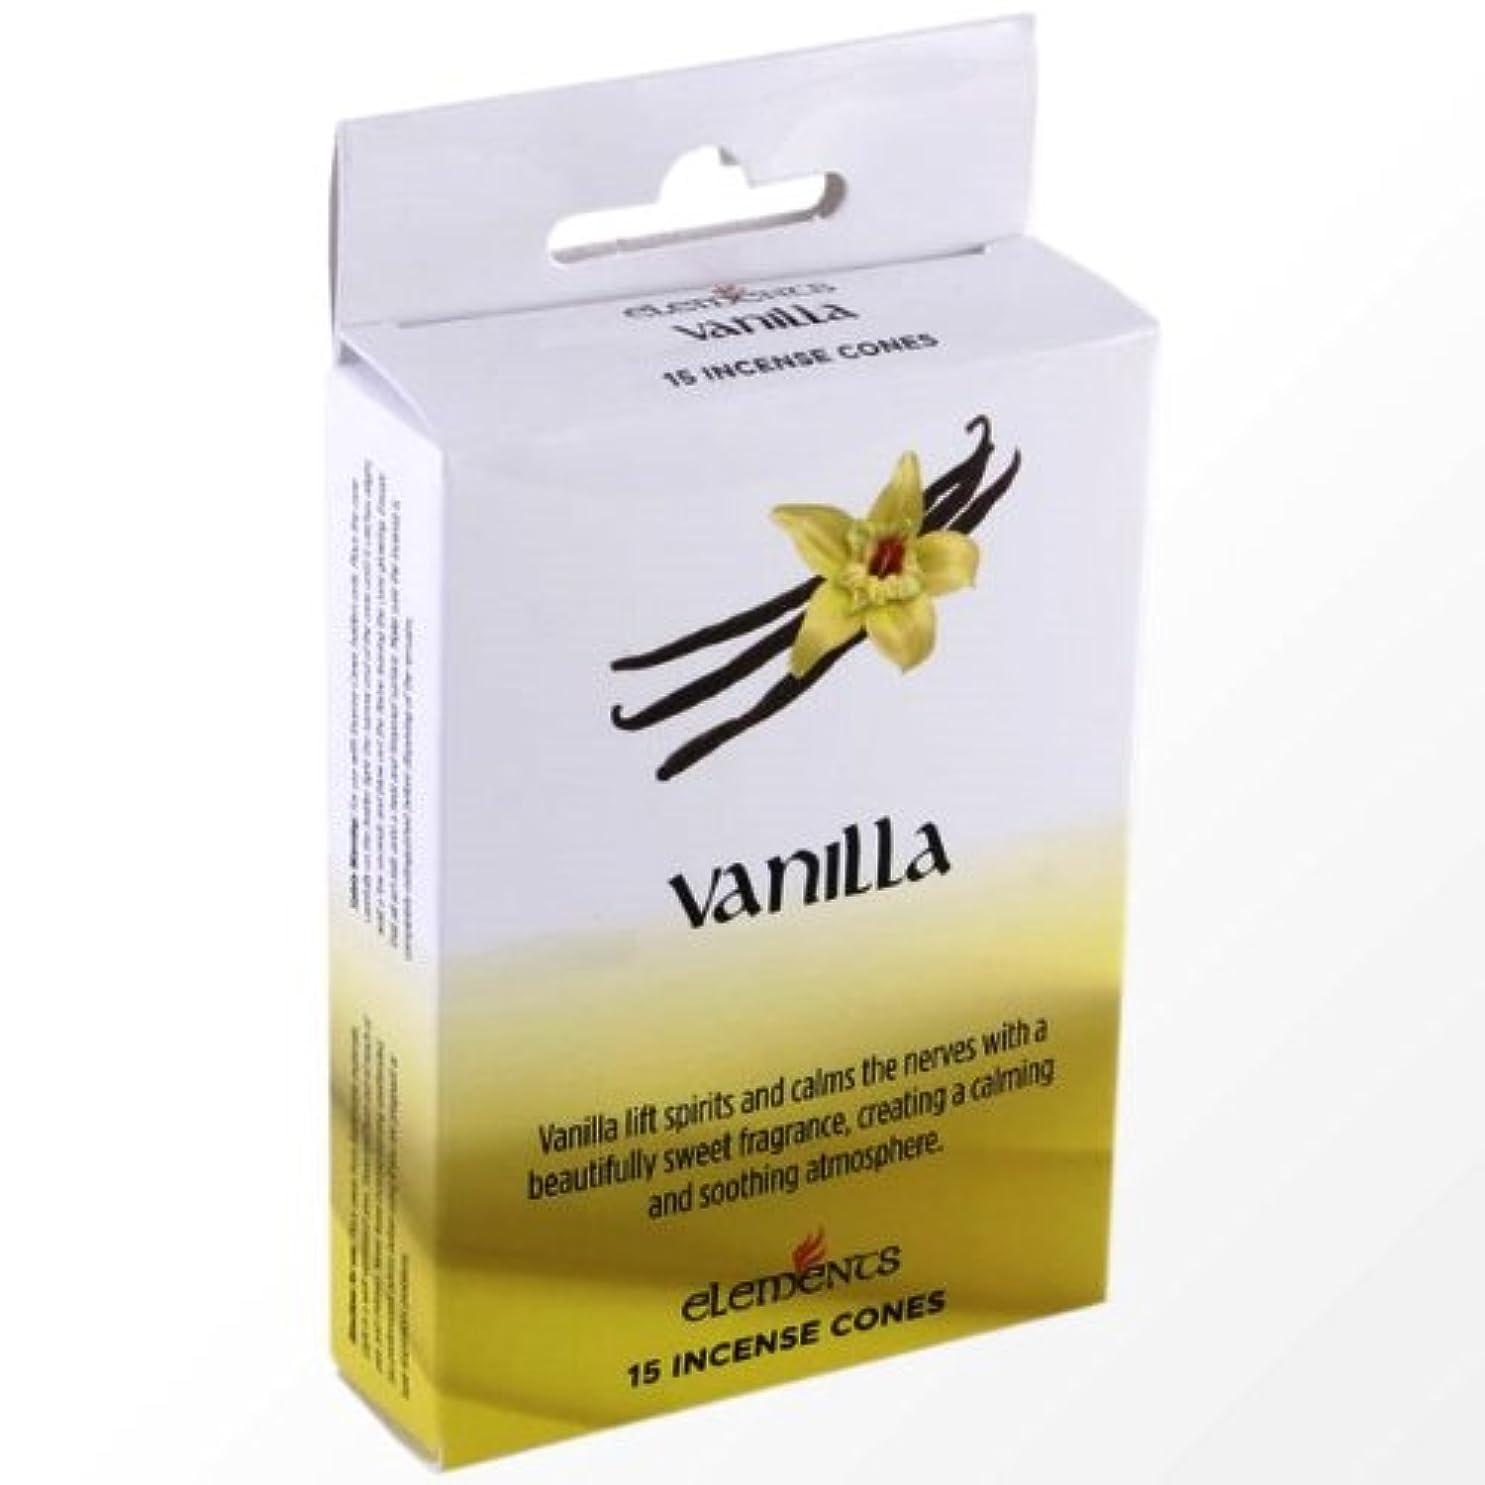 置くためにパックベスト外国人(VANILLA) - Box of 15 Indian Incense Cones Elements (VANILLA)